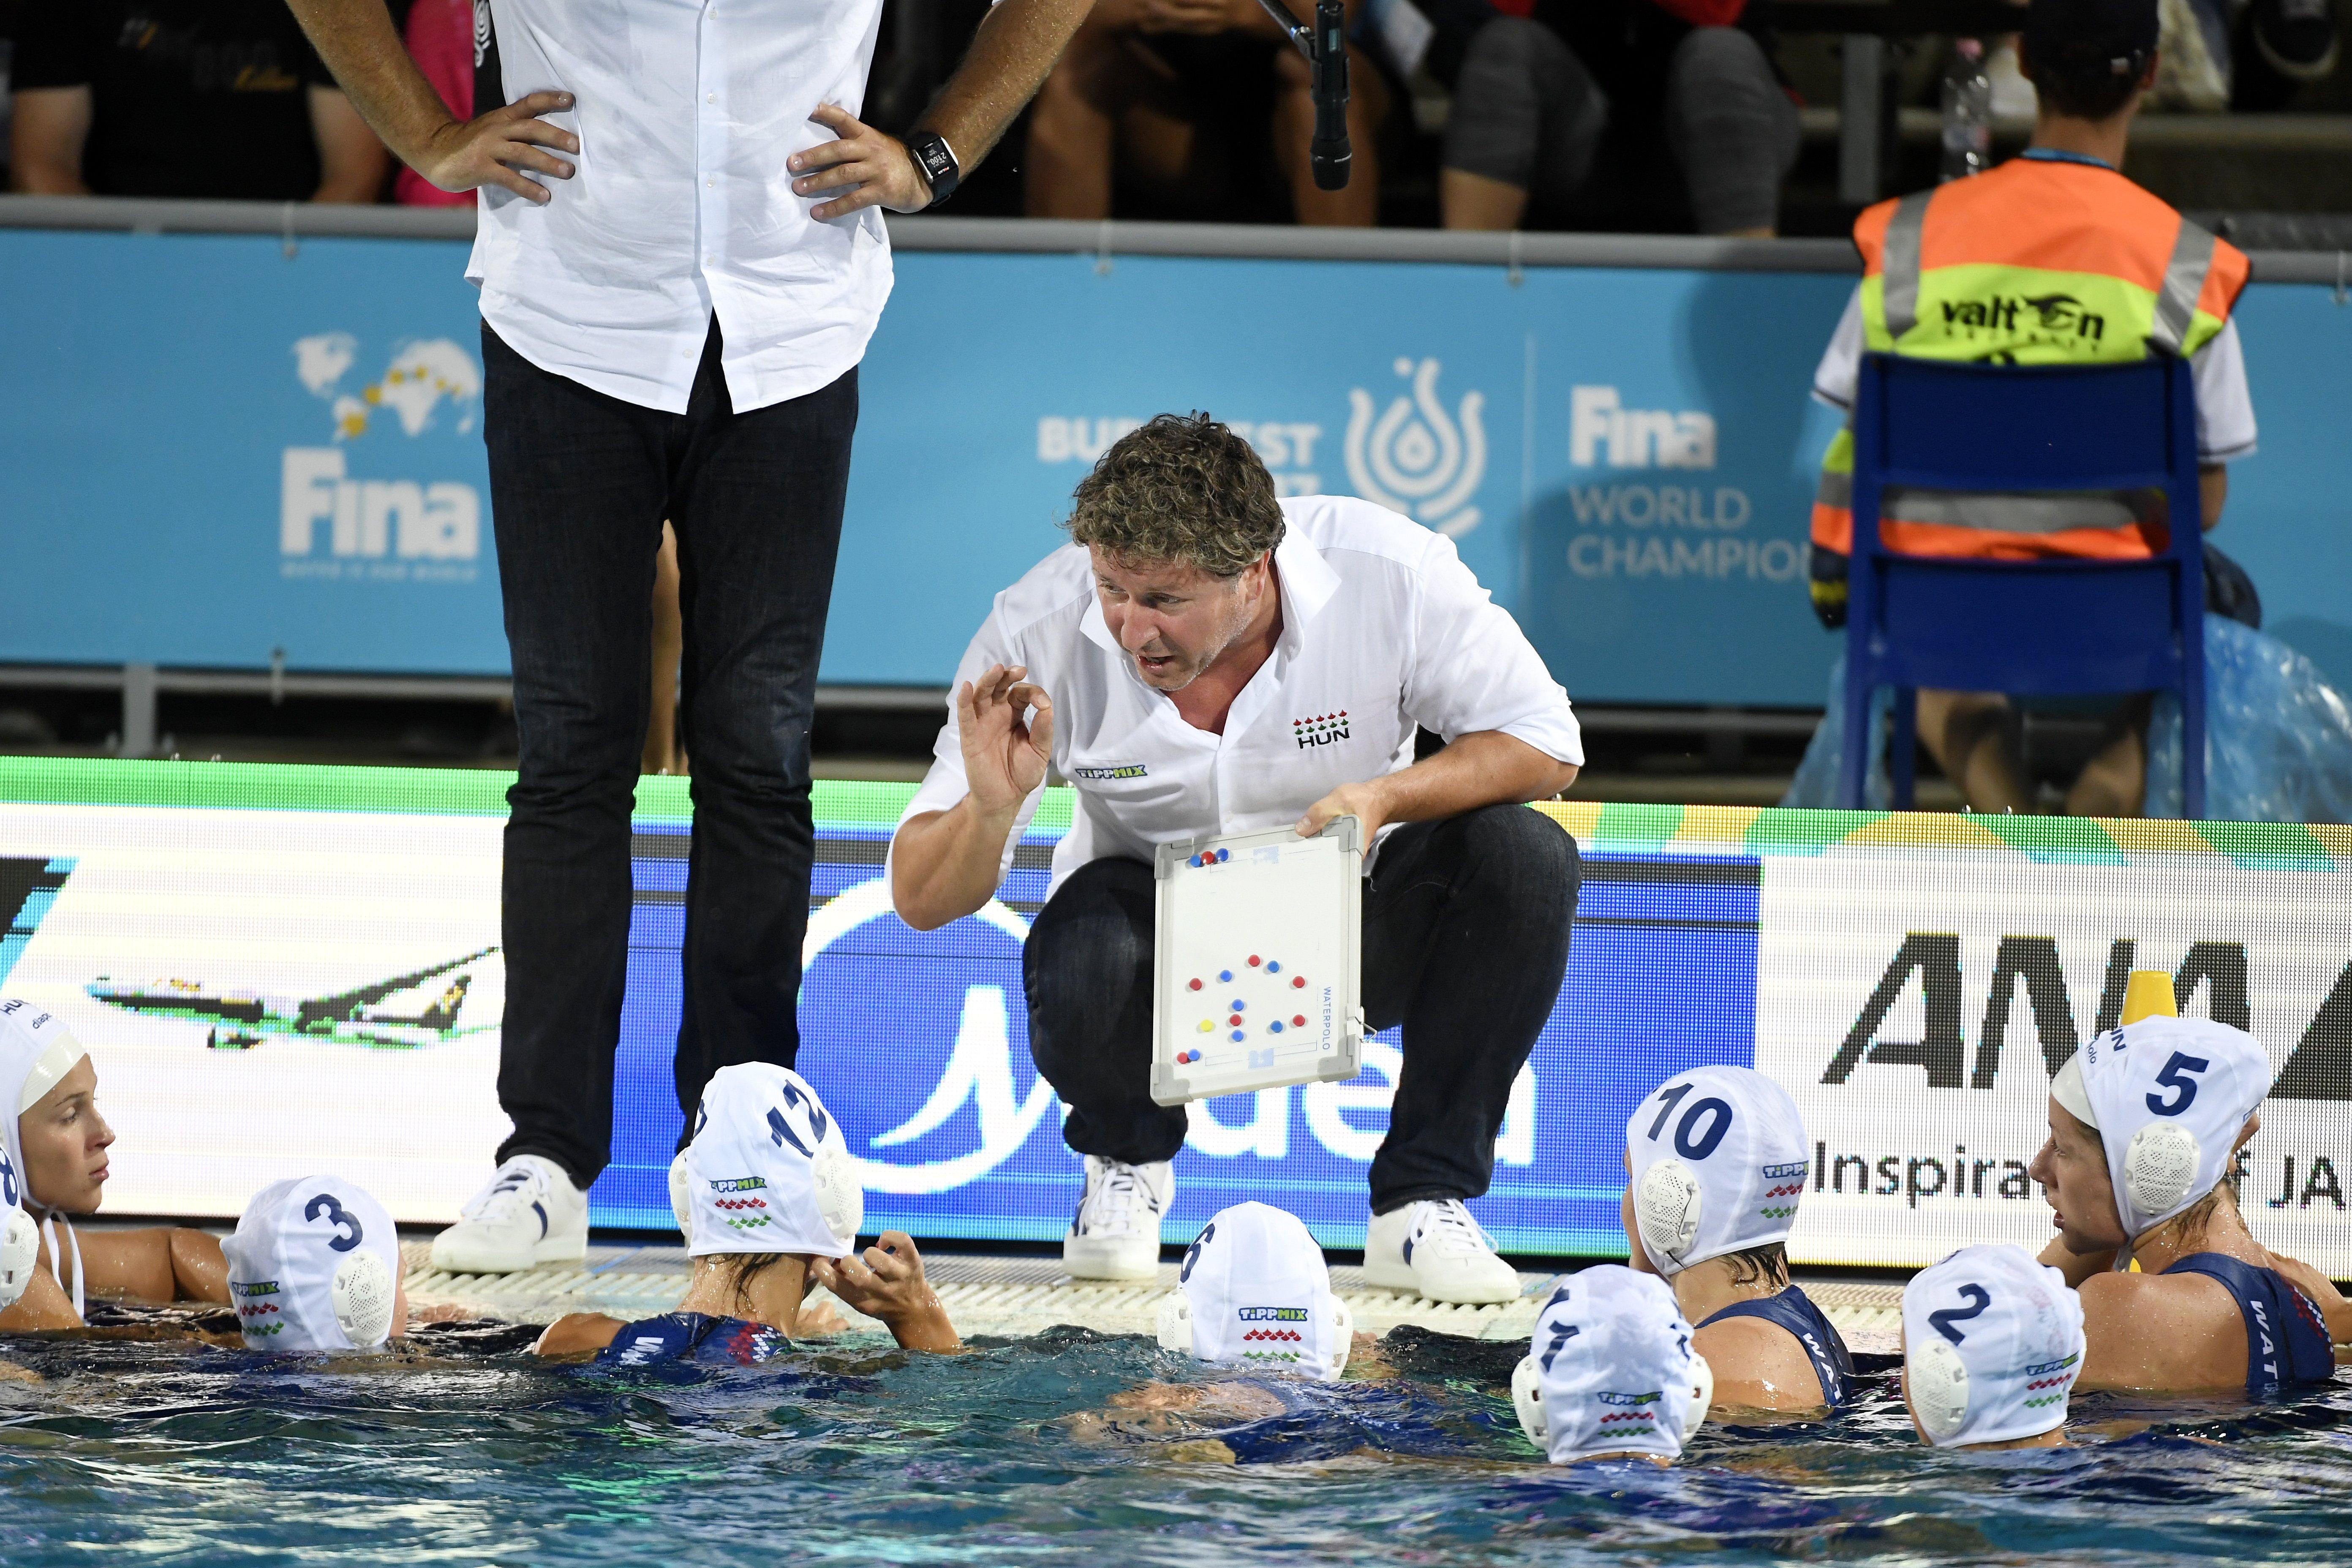 A görögök ellen játszik először a női vízilabda-válogatott az 5-8. helyért